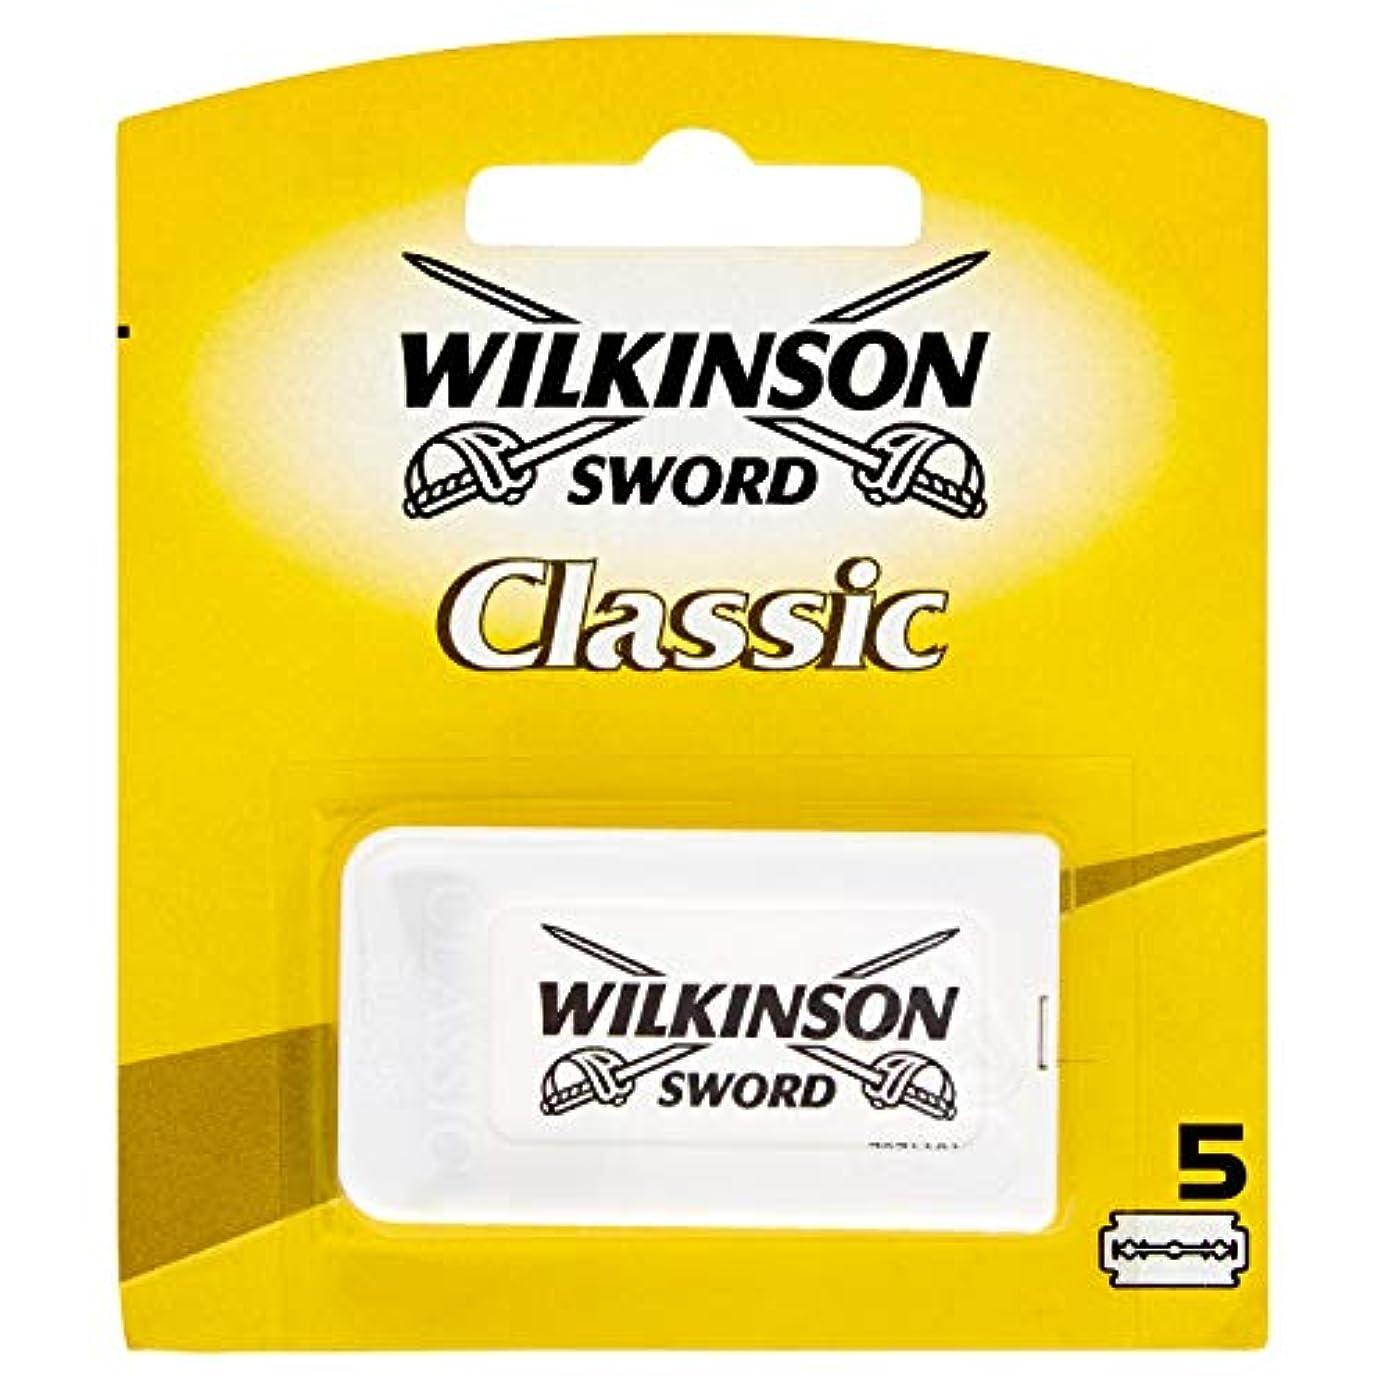 必要条件パンツ手のひらWilkinson Sword(ウィルキンソンソード) Classic 両刃替刃 5個入り [並行輸入品]